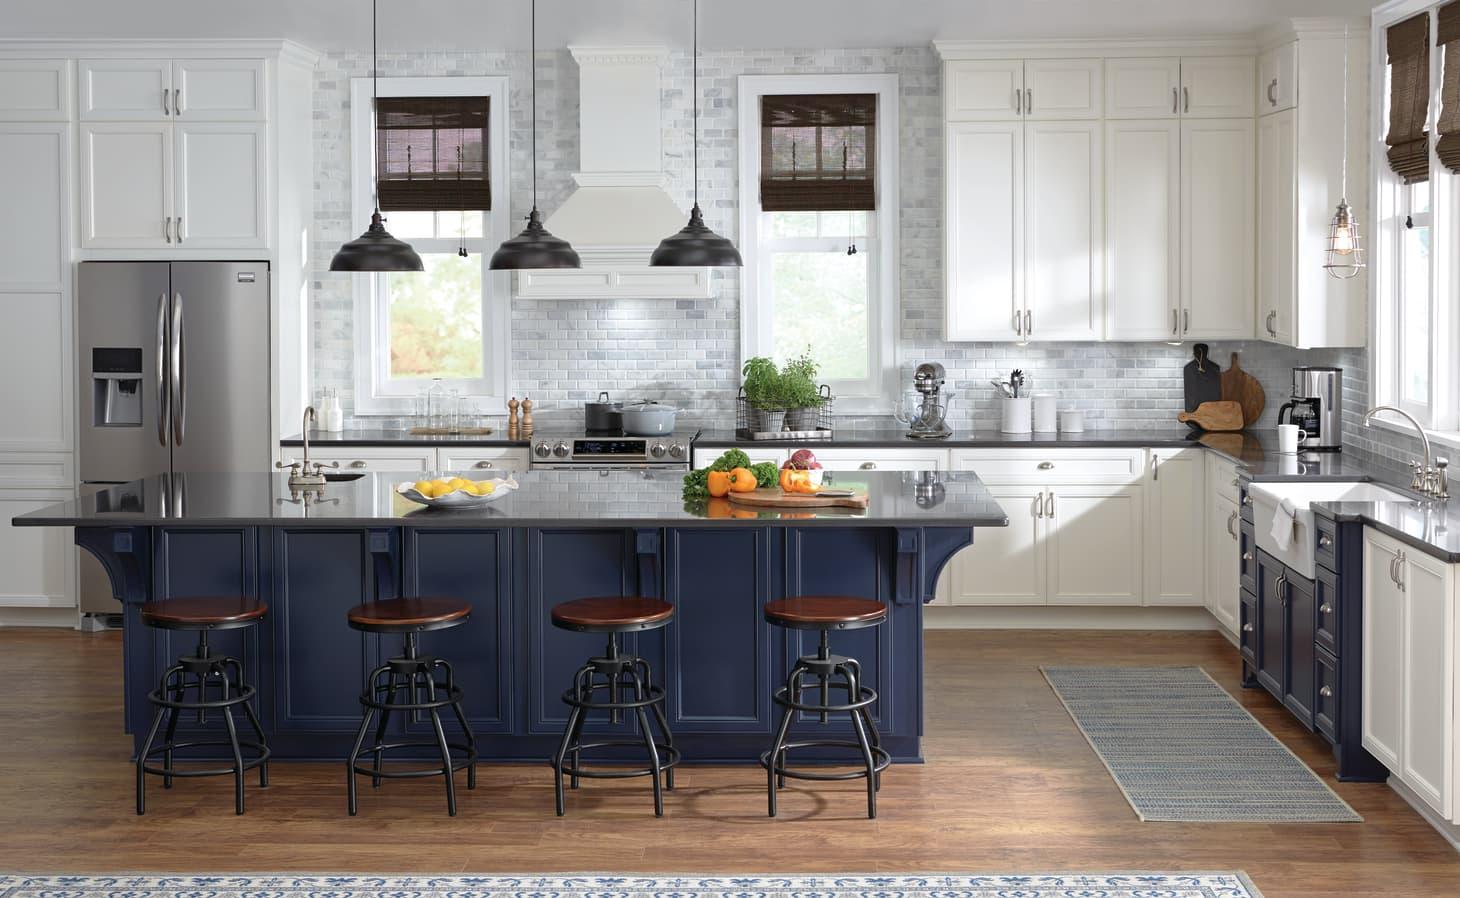 Home Depot Kitchen Cabinets - Explainer   Kitchn